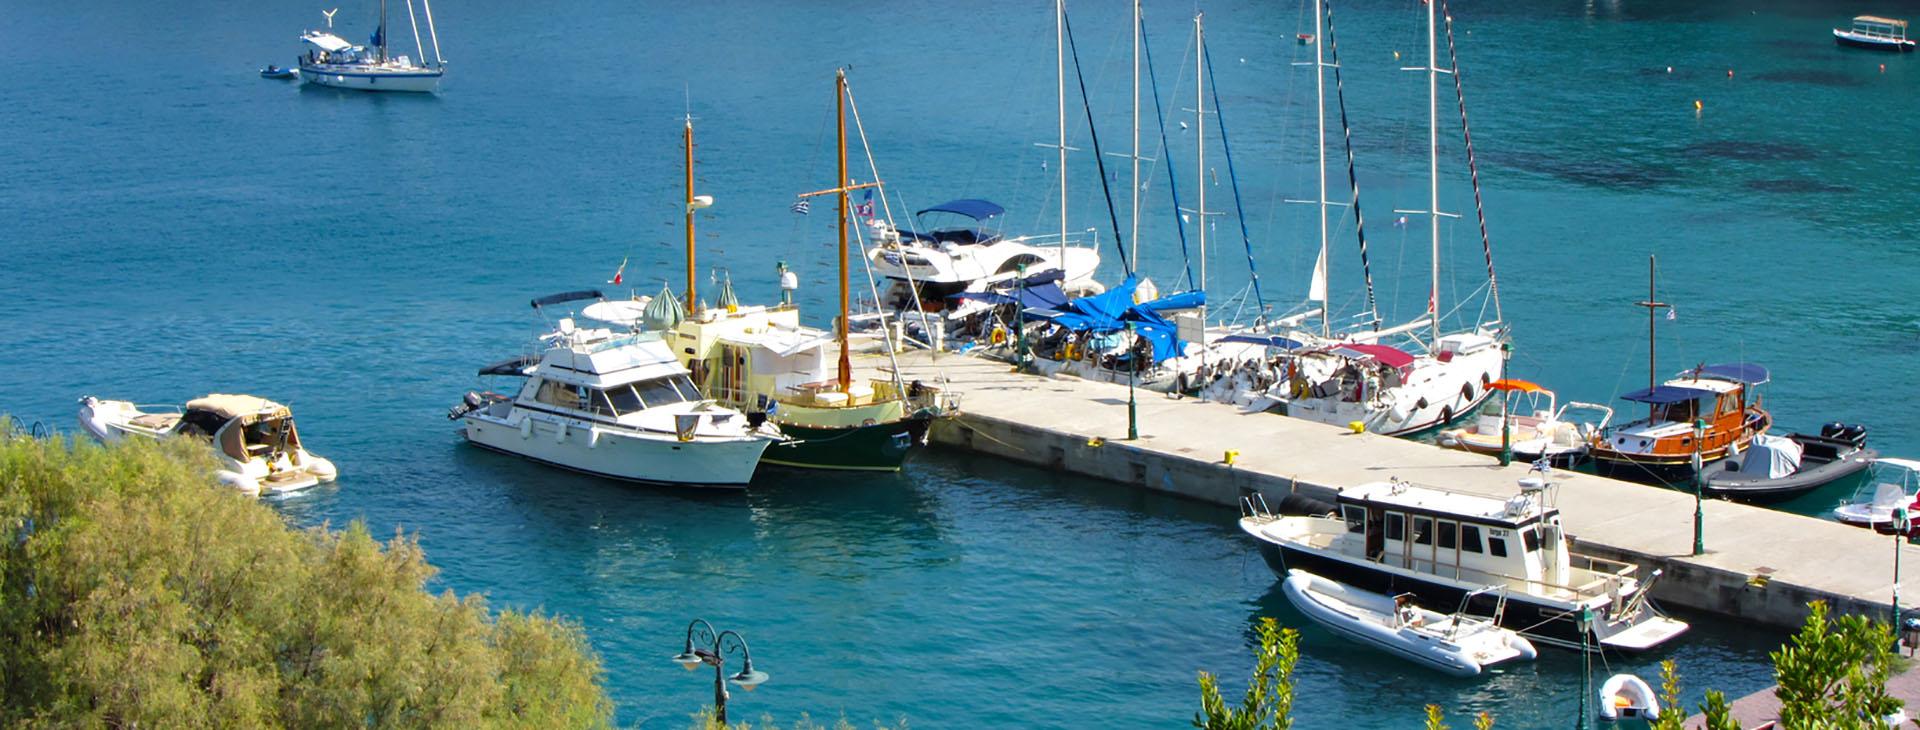 Patitiri harbour, Alonnissos